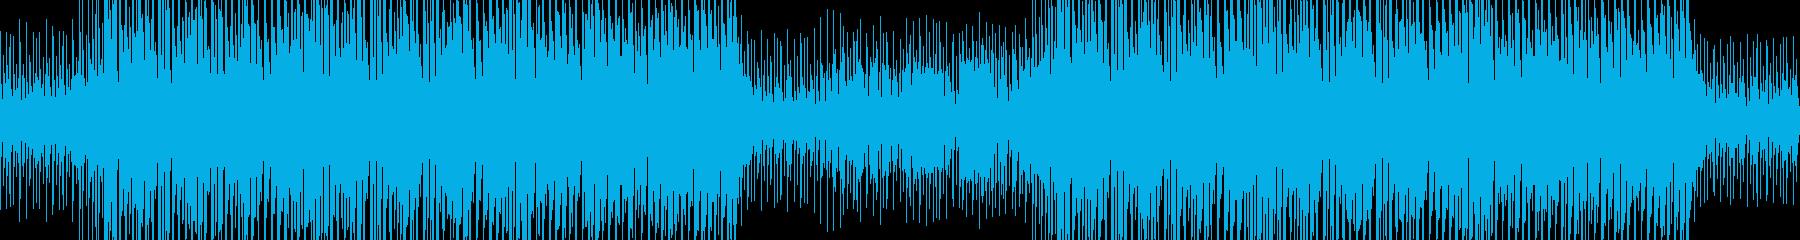 トランペットがかっこいいスウィングジャズの再生済みの波形